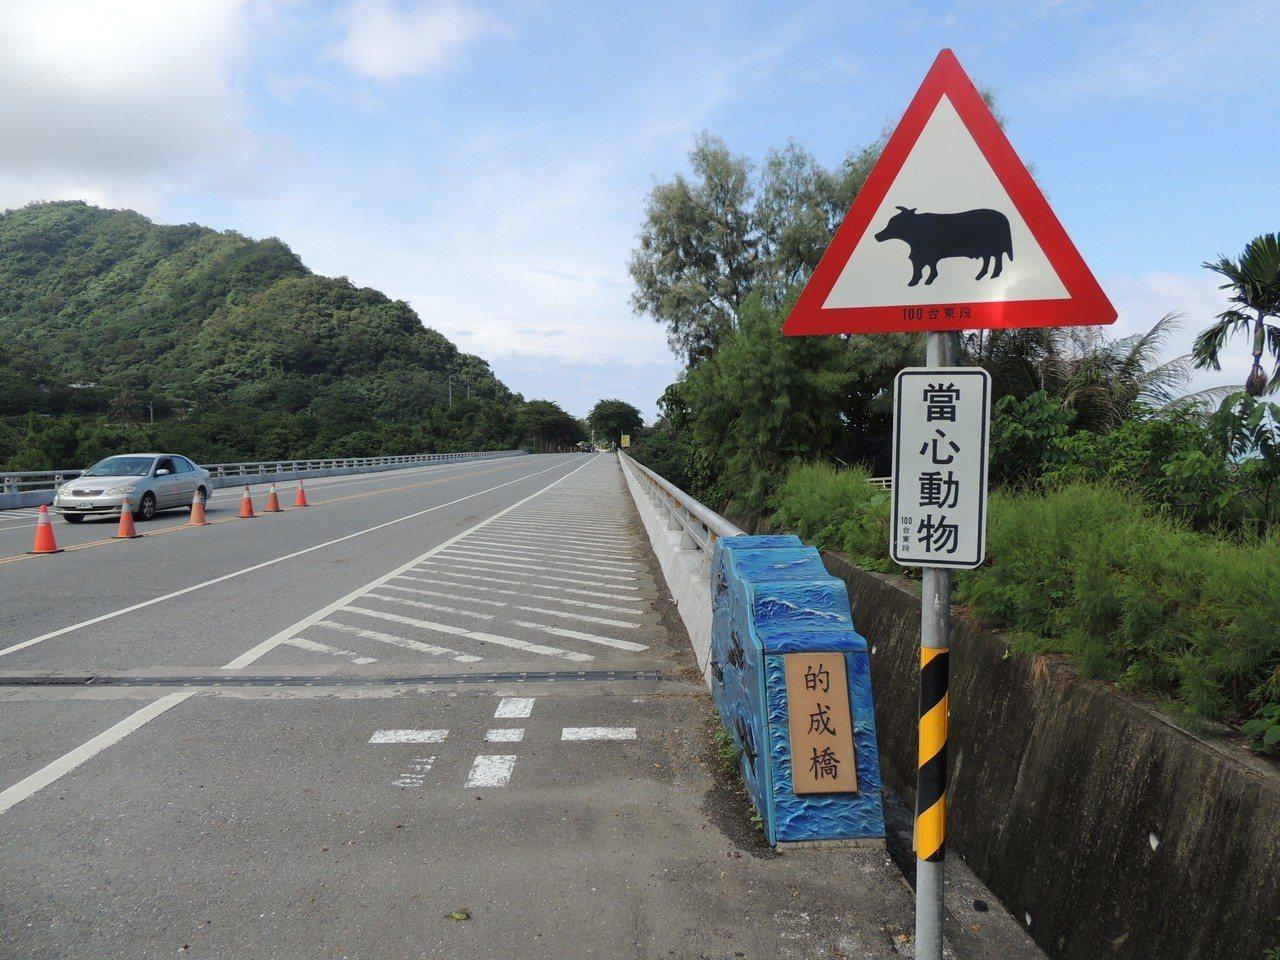 省道東海岸公路上常有牛隻閒逛,常發生路過汽機車撞牛事故,公路總局還為此在路旁豎立...